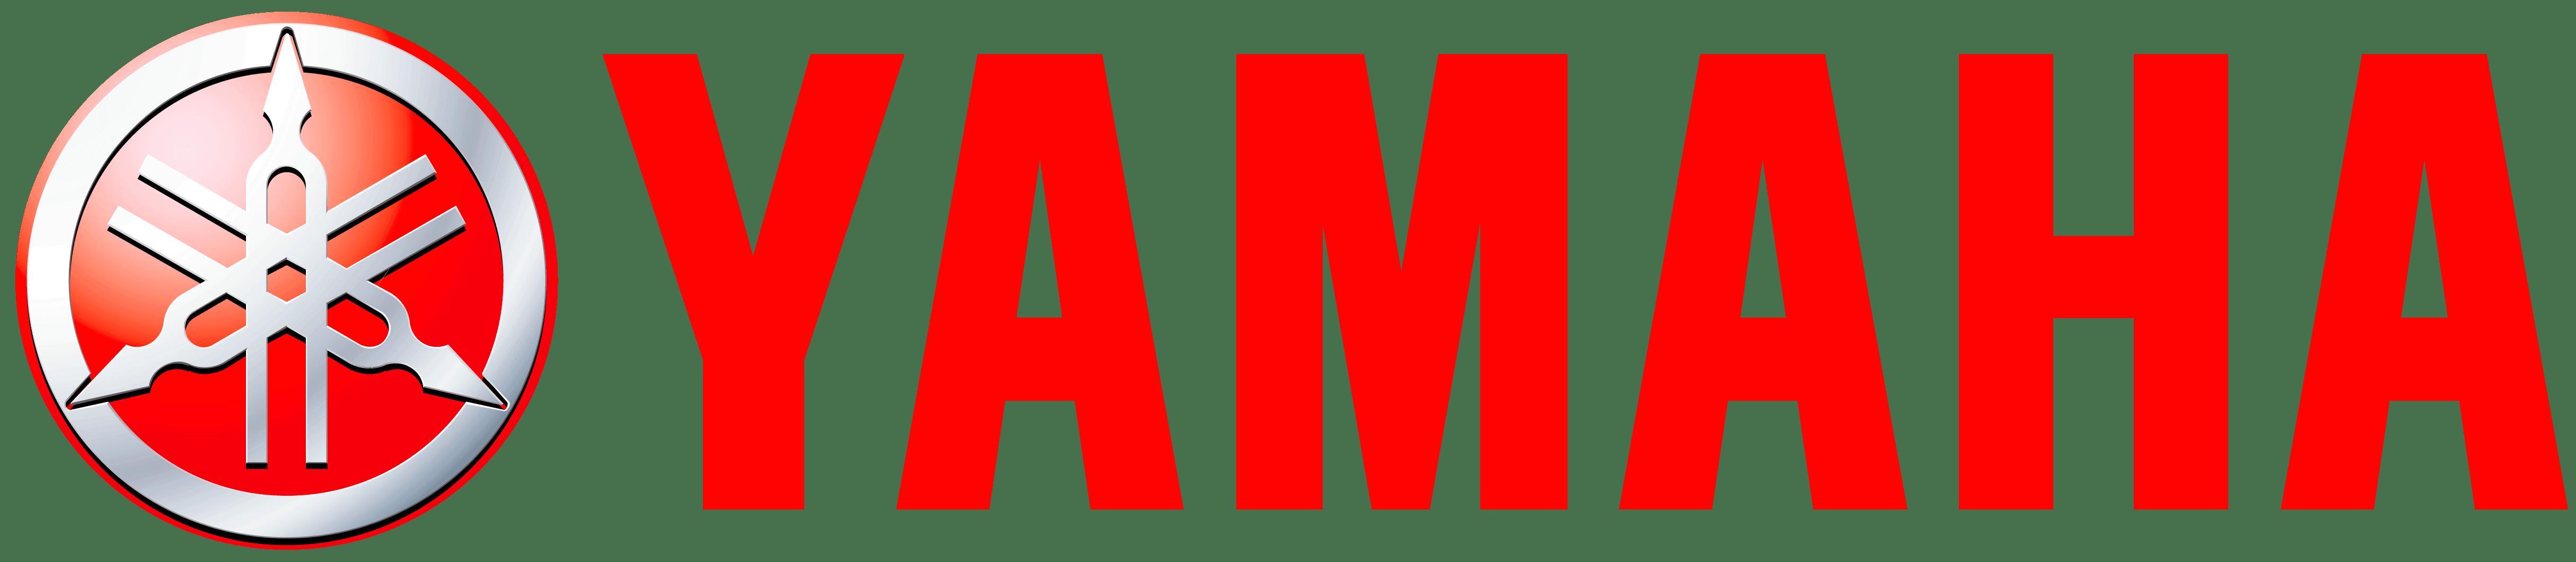 Логотип YAMAHA генераторы